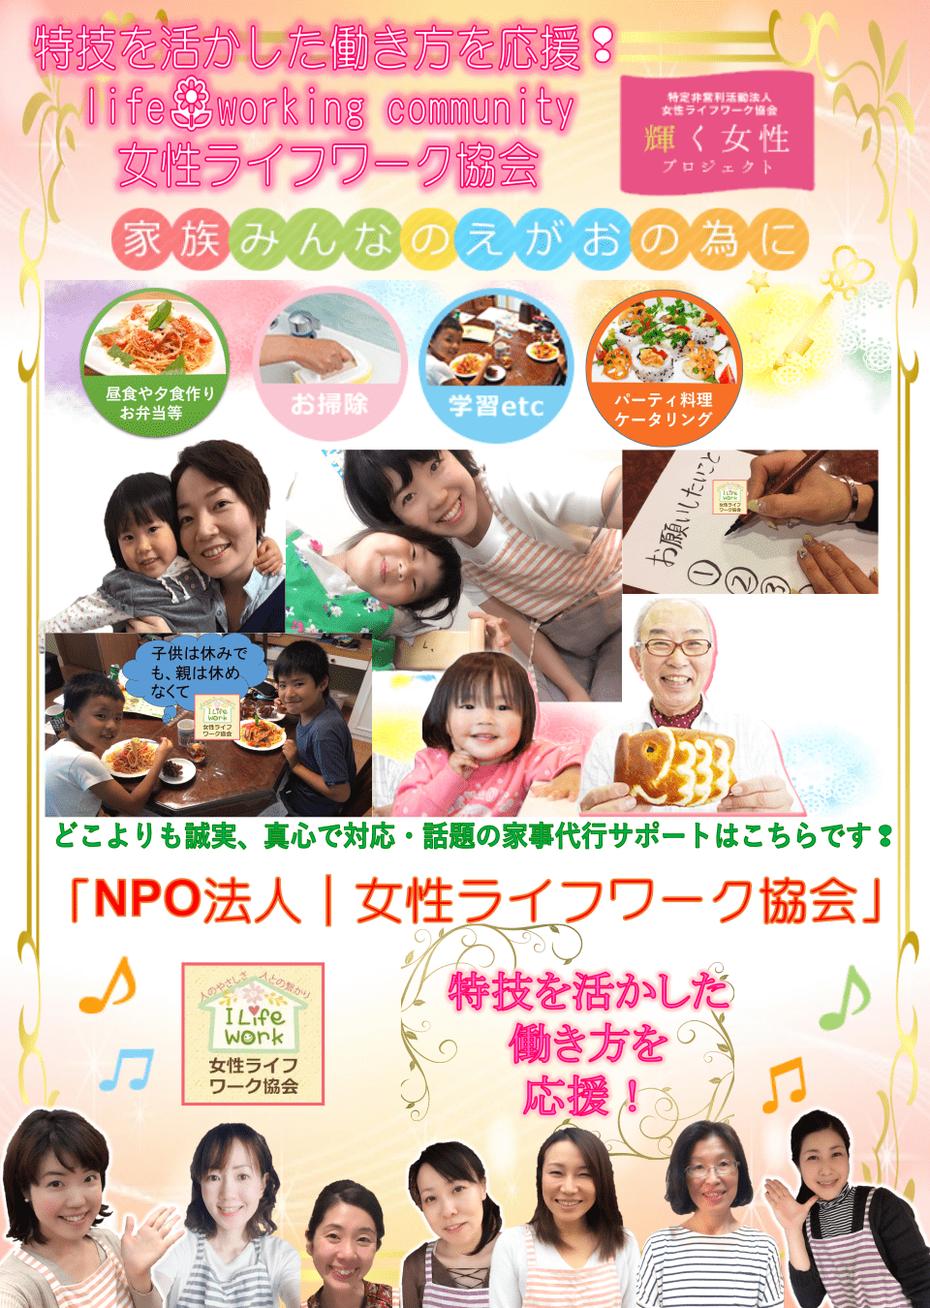 大阪兵庫の家政婦・家事代行サービスなら女性ライフワーク協会へお任せください